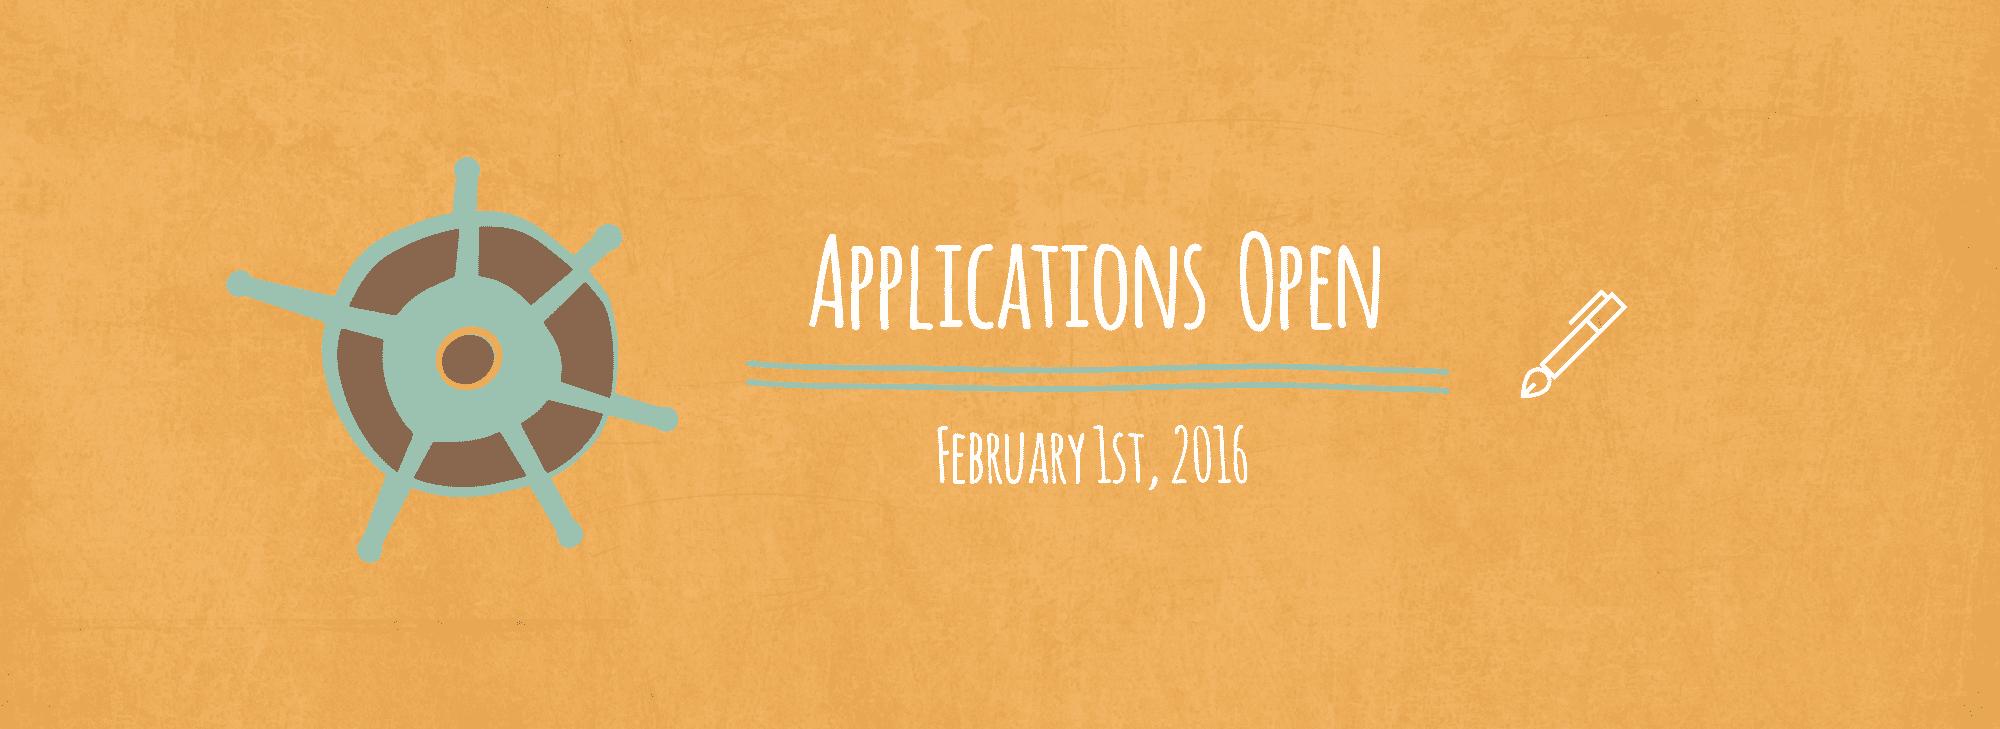 BellevueFest_Application-Banner_open-02